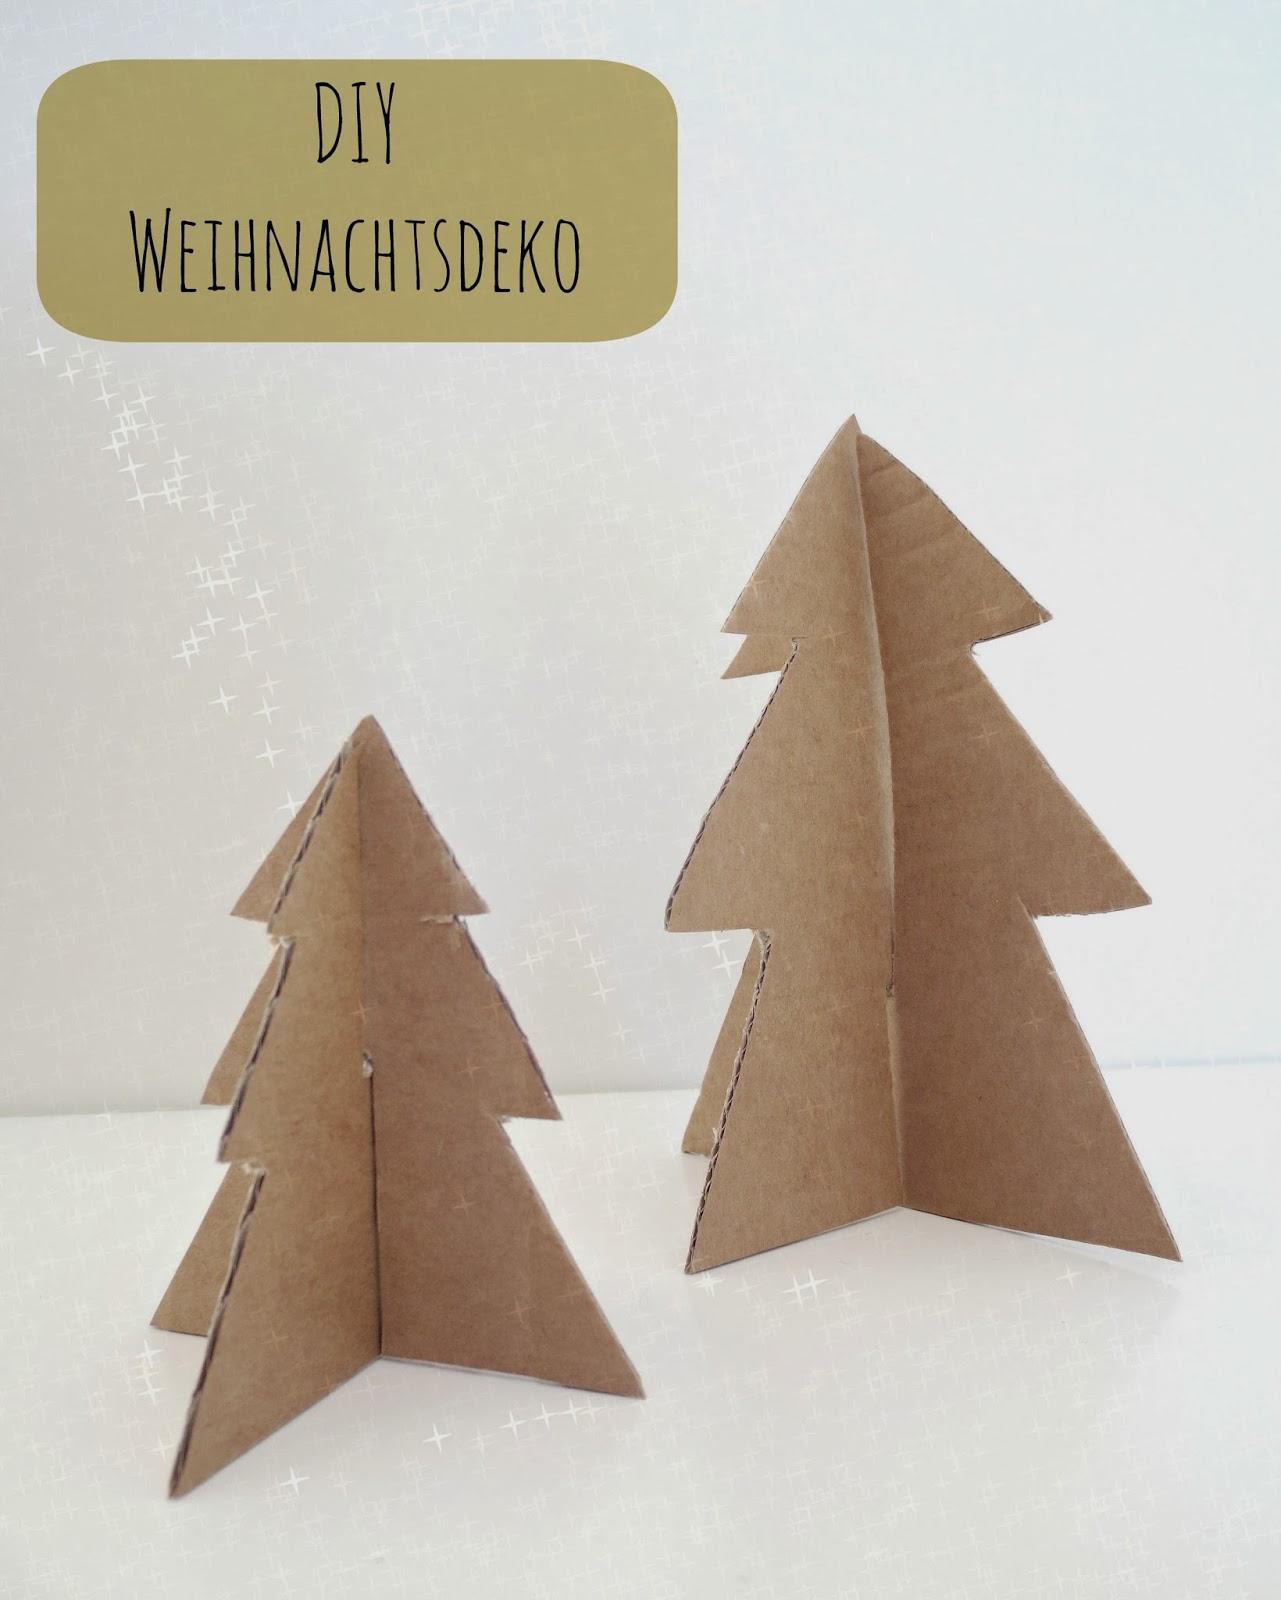 ich und du und du diy weihnachtsdeko. Black Bedroom Furniture Sets. Home Design Ideas